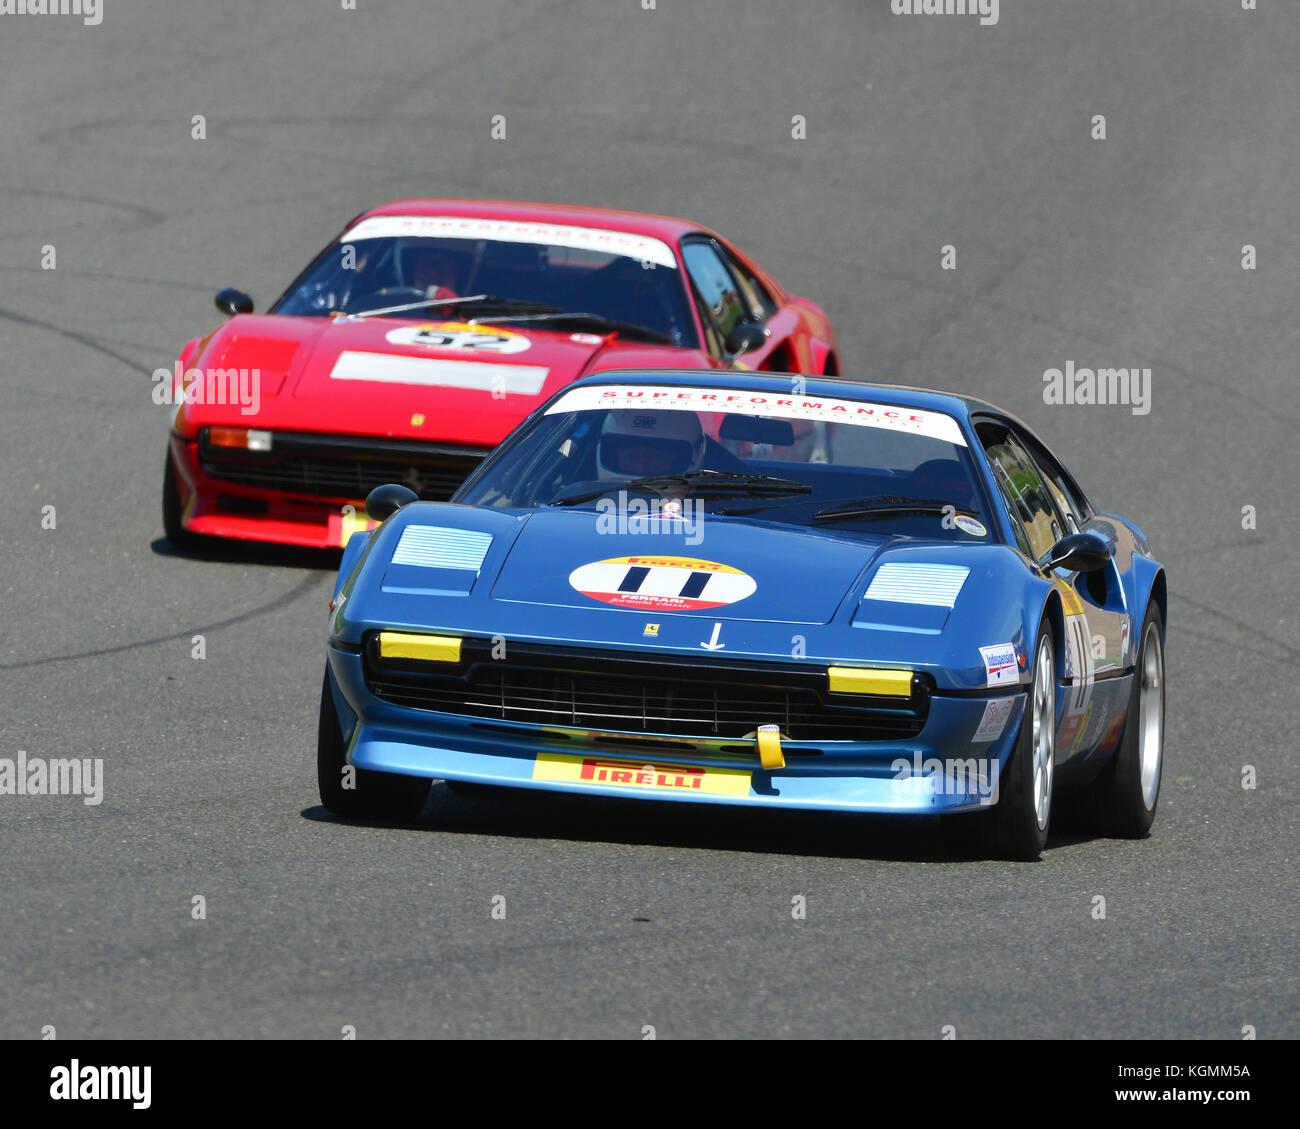 Ferrari 308 Gtb Stock Photos & Ferrari 308 Gtb Stock